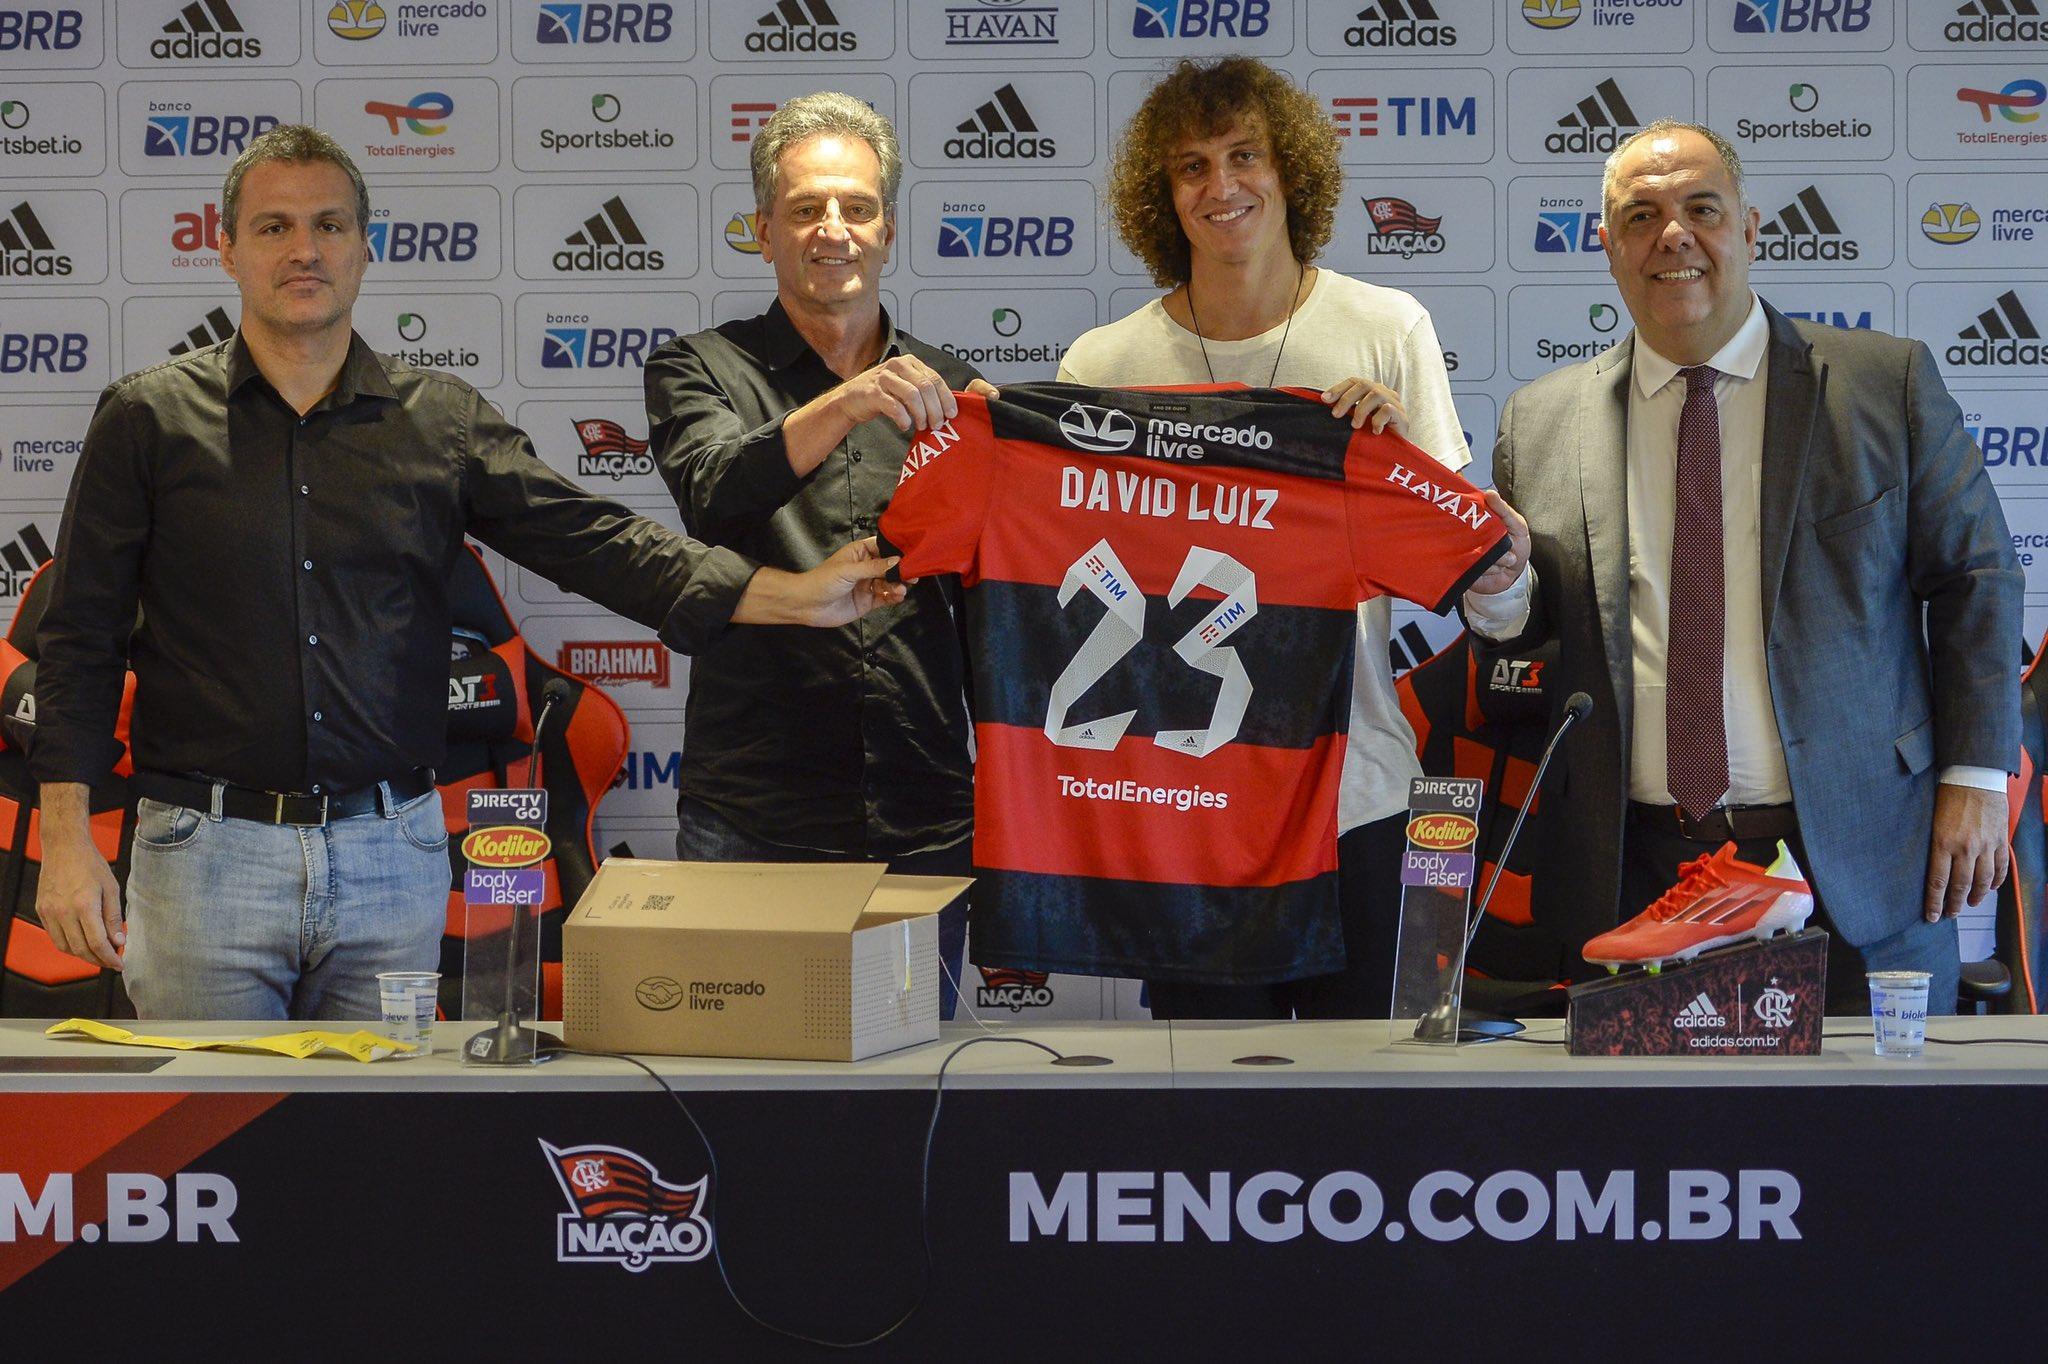 O jogador tem passagens pelo Vitória-BA, Benfica, Chelsea, PSG